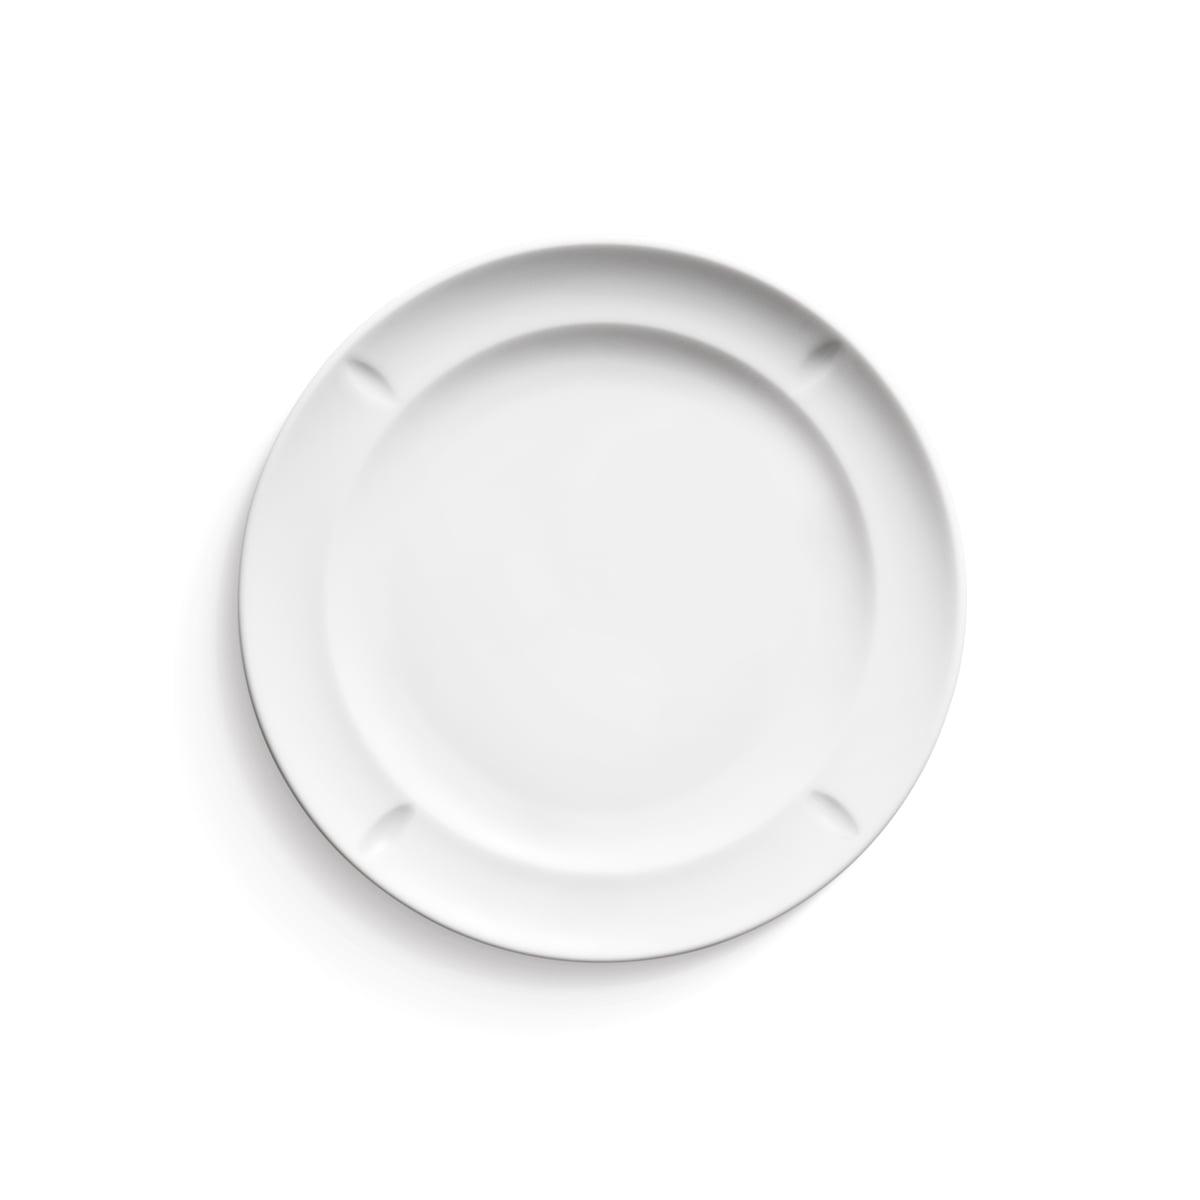 Rosendahl - Grand Cru Soft Teller, 19 cm, weiß